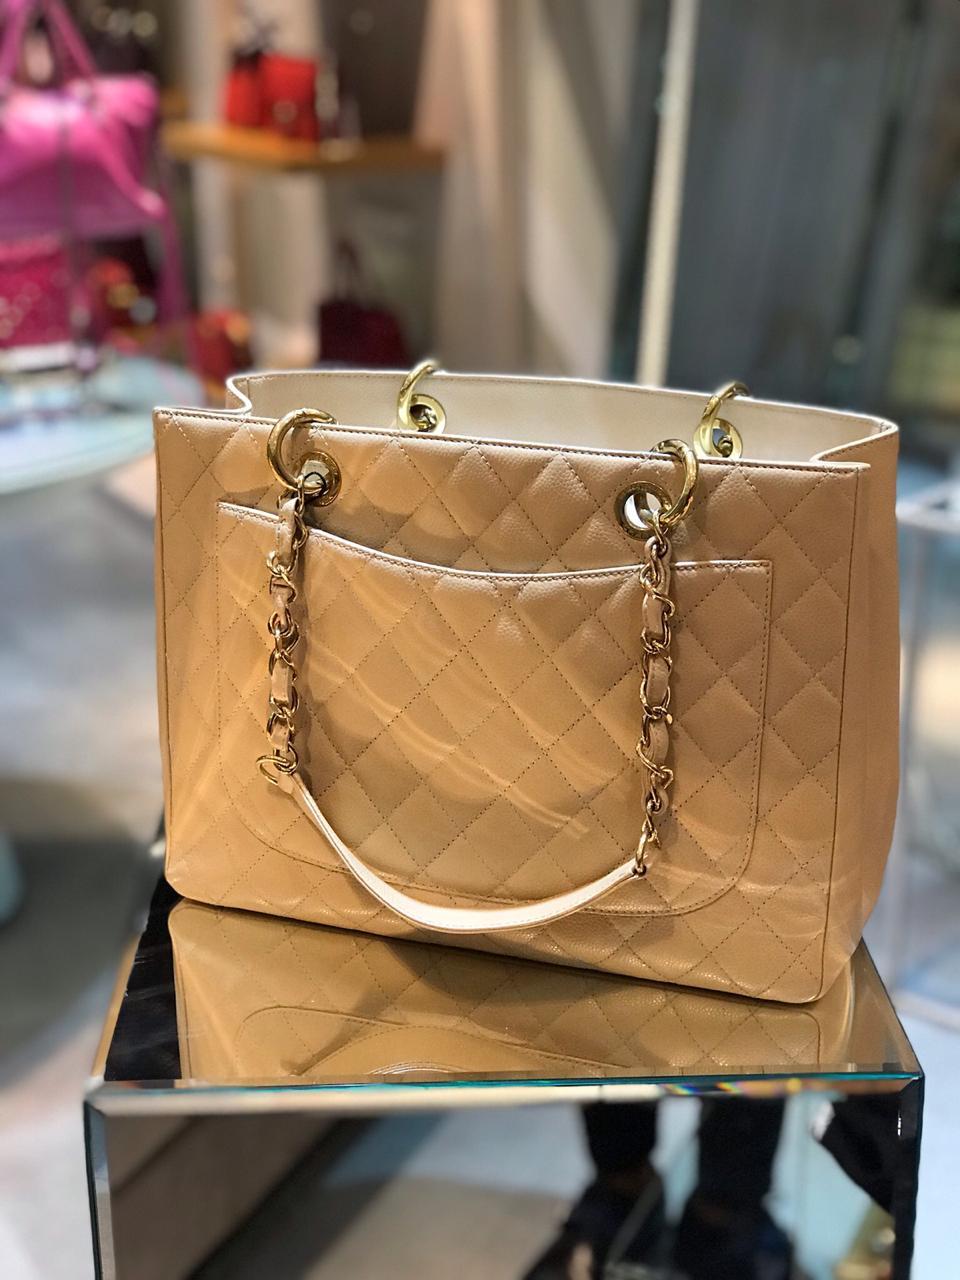 Bolsa Chanel Shopper